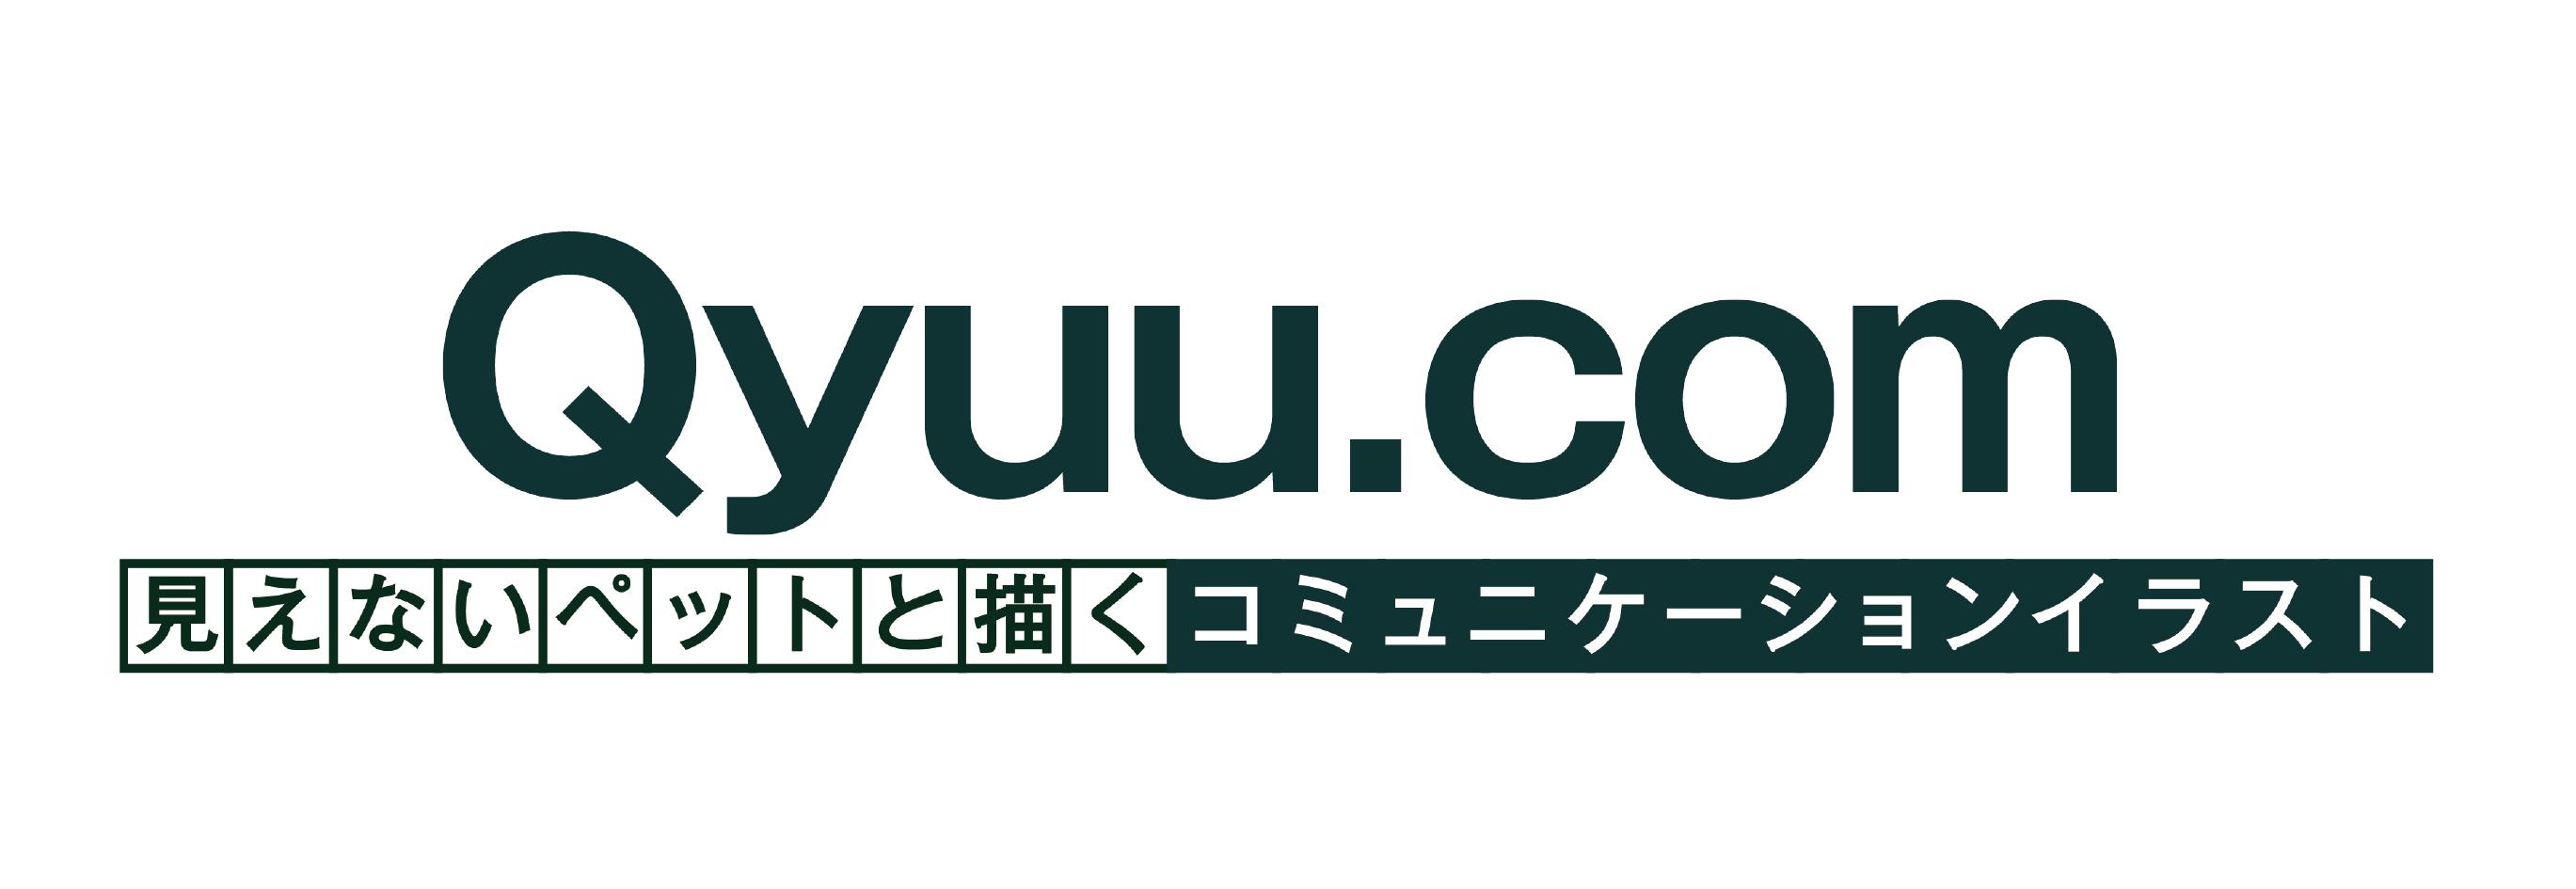 07 Qyuu.com